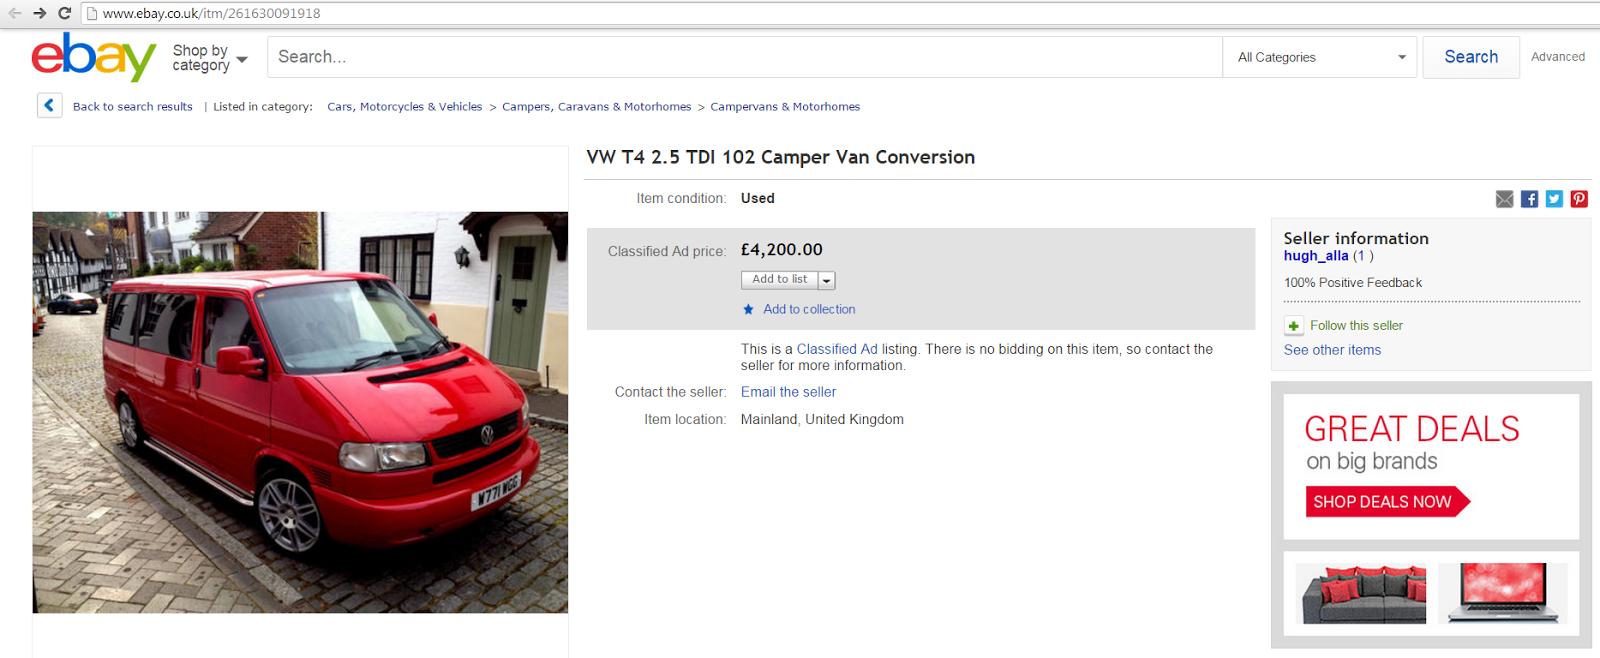 4200 SCAM VW T4 2 5 TDI 102 Camper Van Conversion